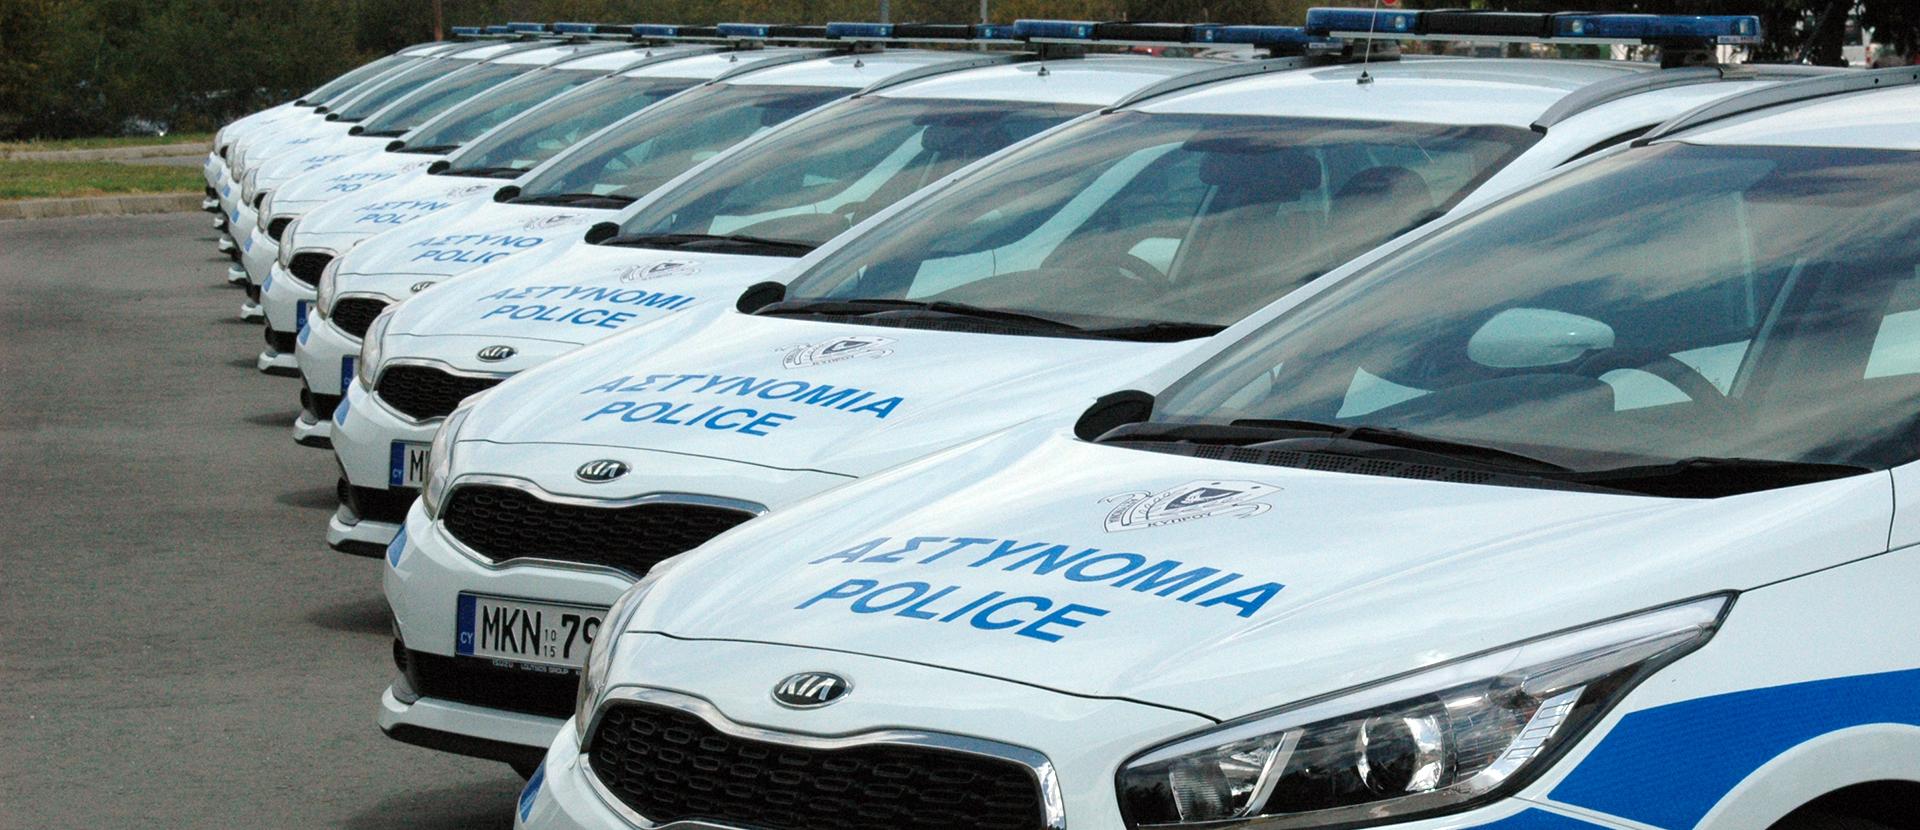 Η Αστυνομία αγόρασε 632 οχήματα και μοτοσυκλέτες διαφόρων τύπων την τελευταία 5ετία